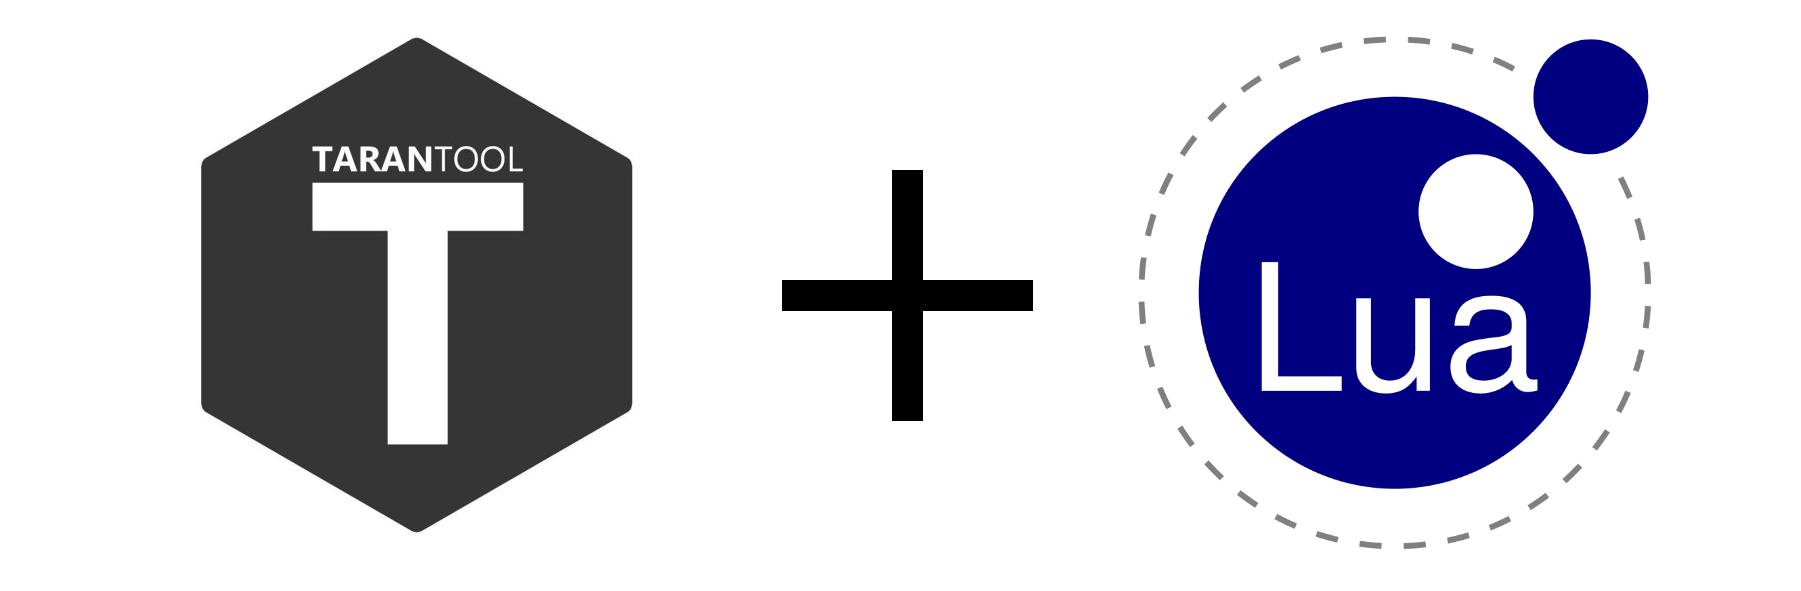 Приложения для Tarantool 1.7. Часть 2. OAuth2-авторизация - 1